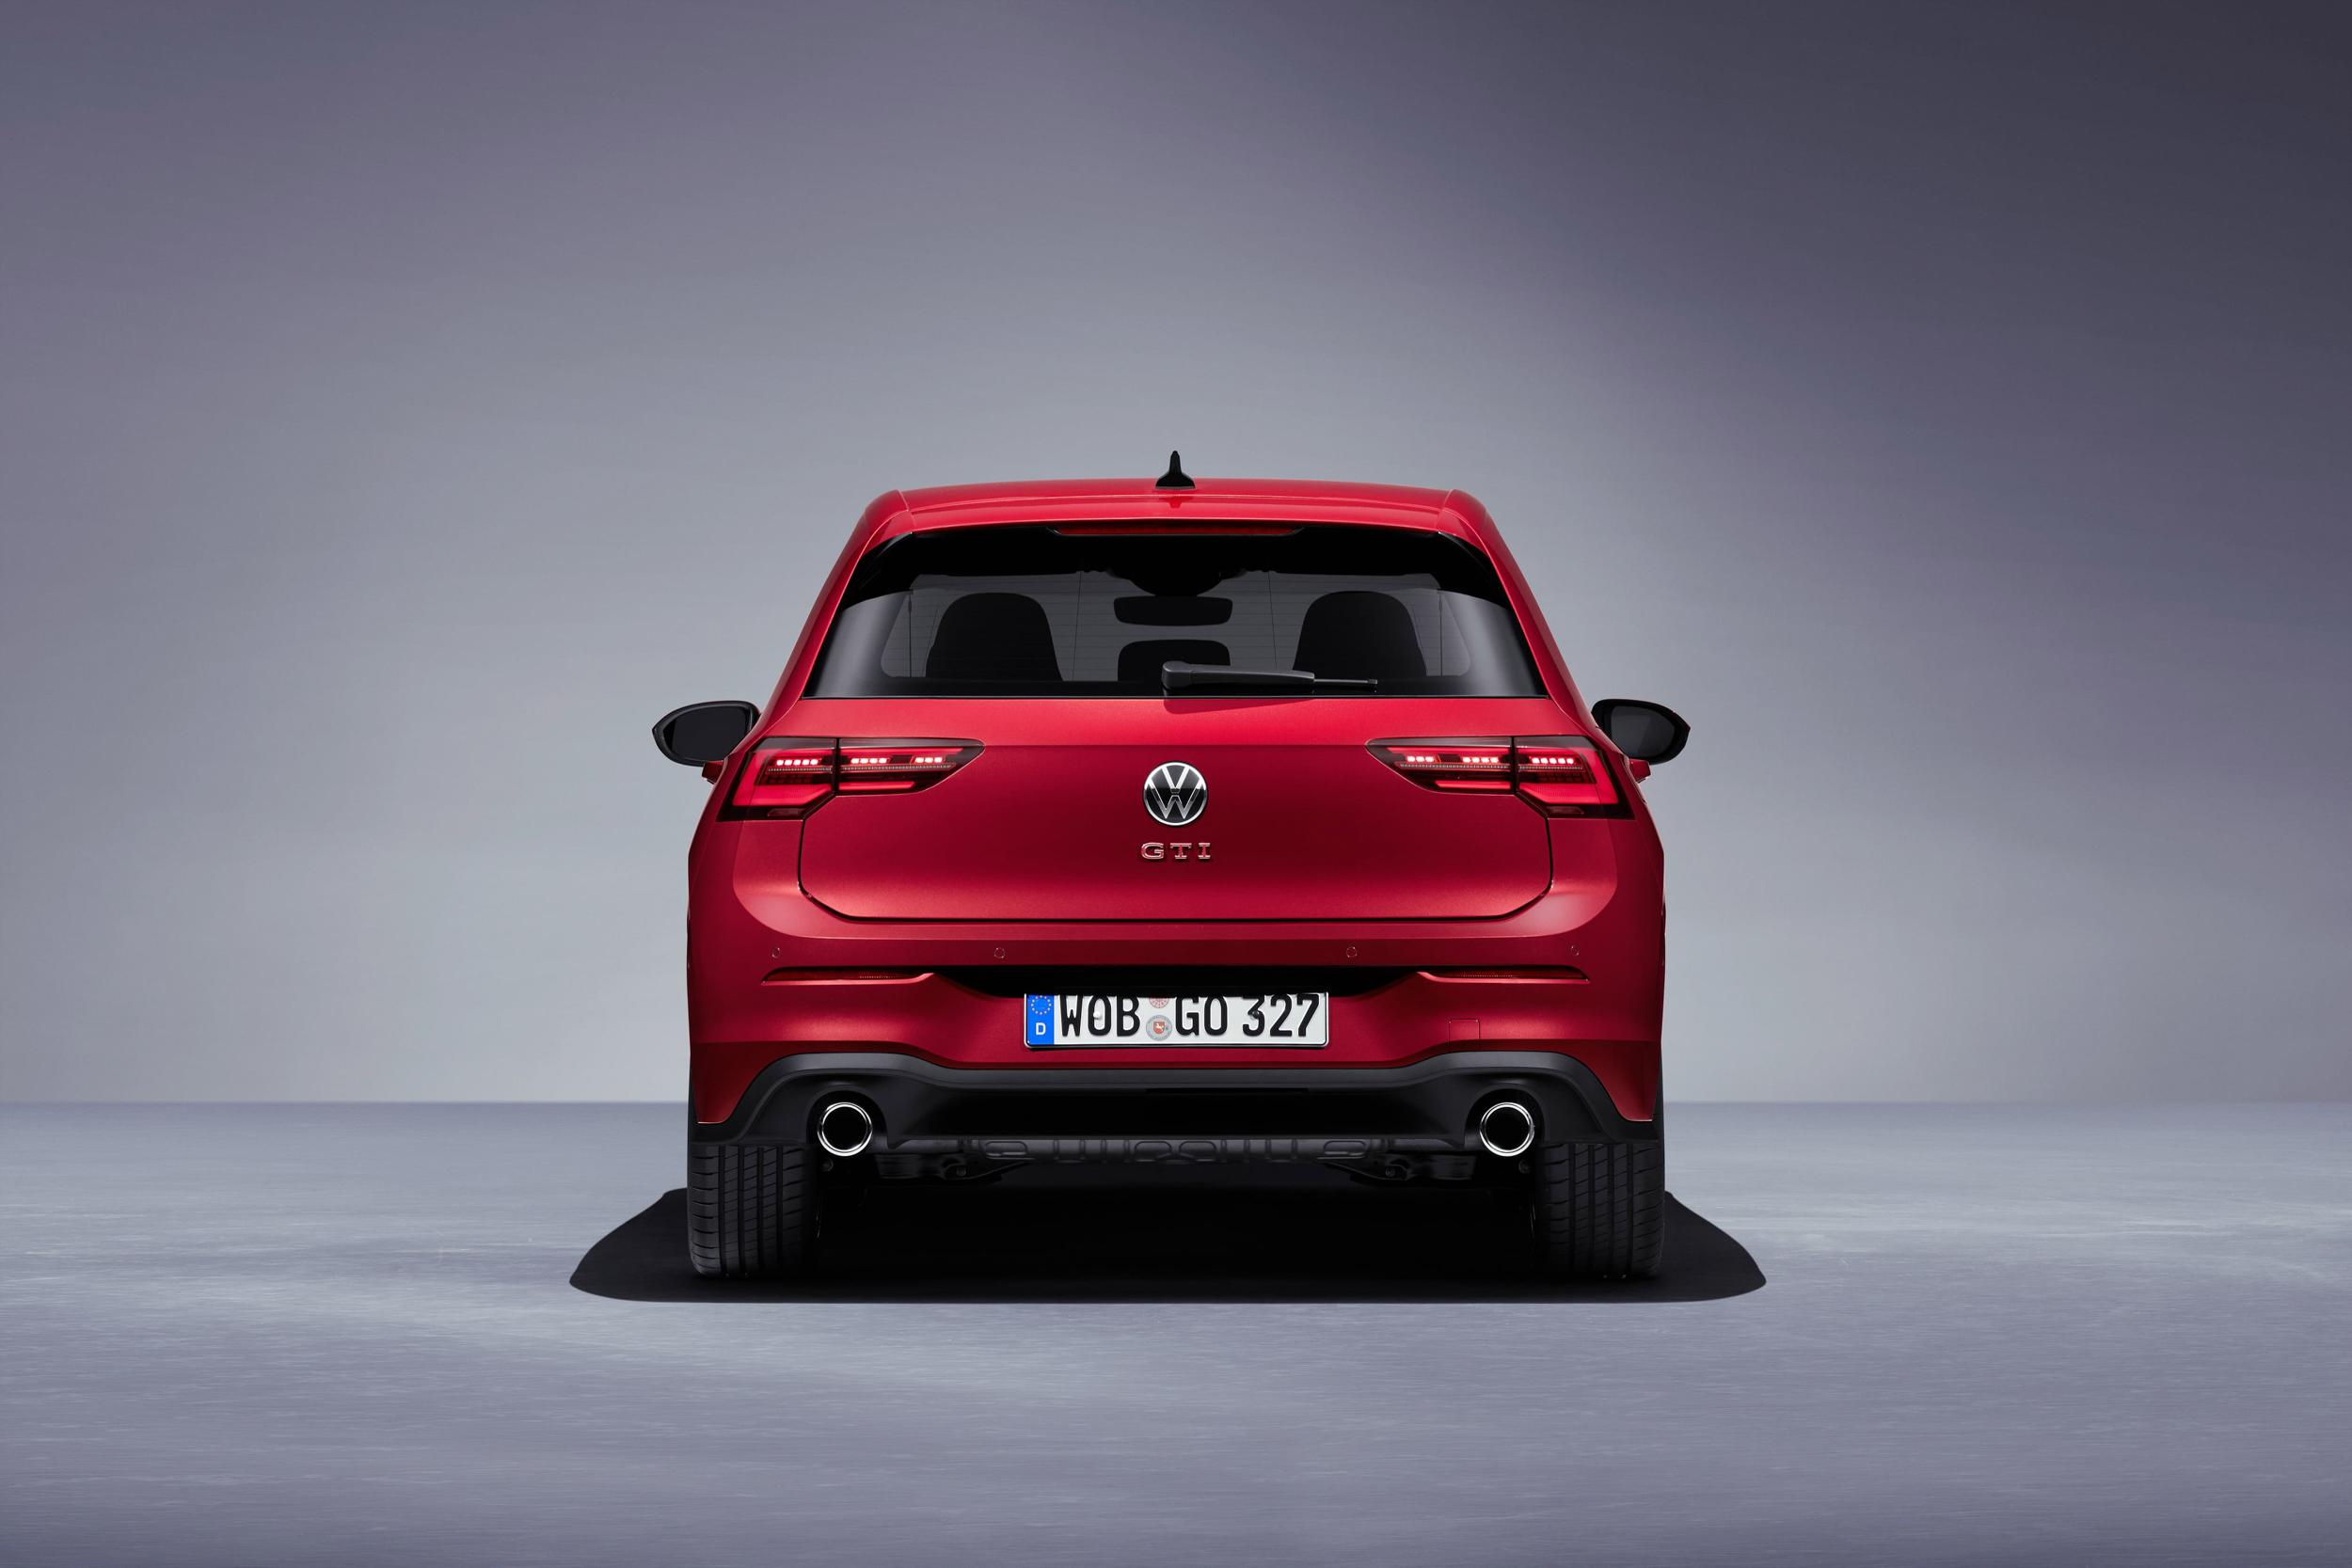 車尾同樣有GTI紅色置中車型銘牌、GTI專屬運動化後保桿和左右雙出排氣尾管,且為向經典的第一代GTI致 敬,特別推出新車色君臨紅。